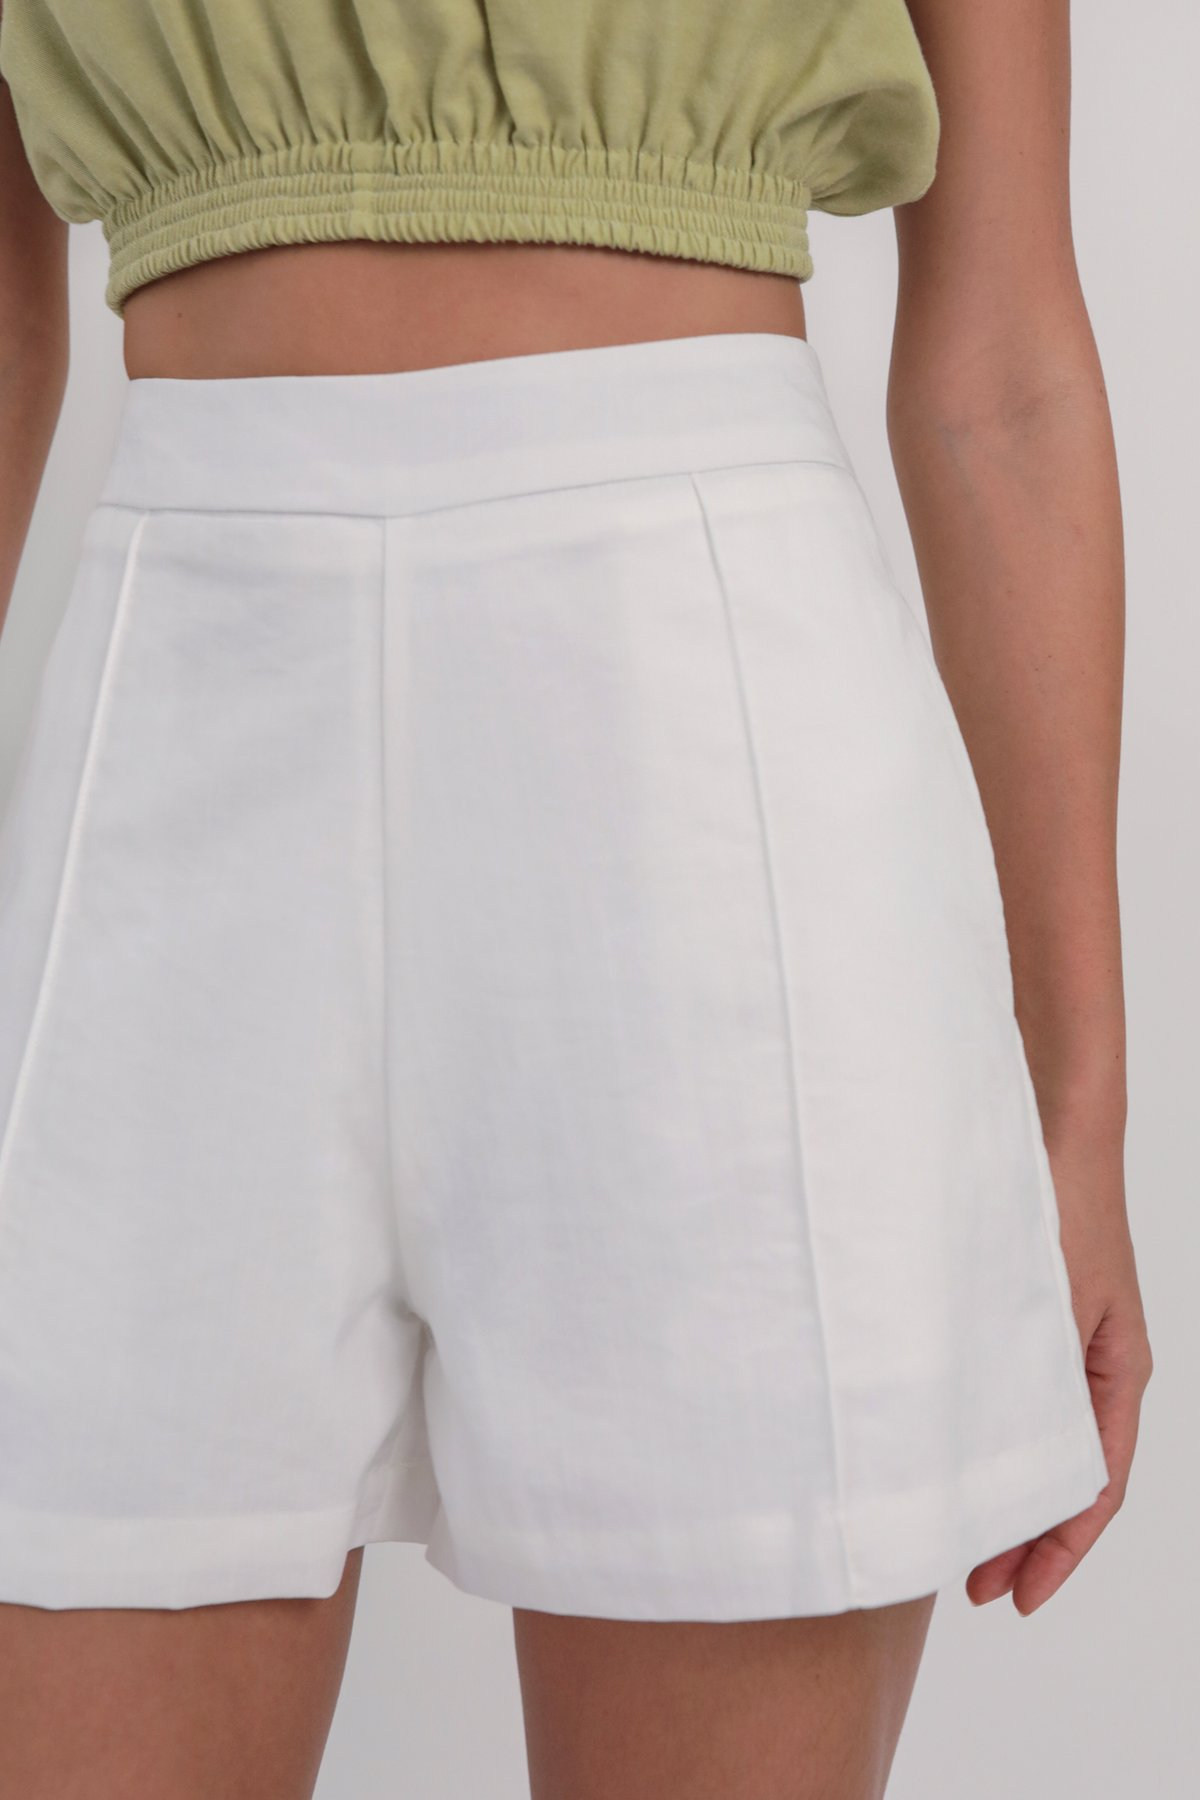 Mon Shorts (White)